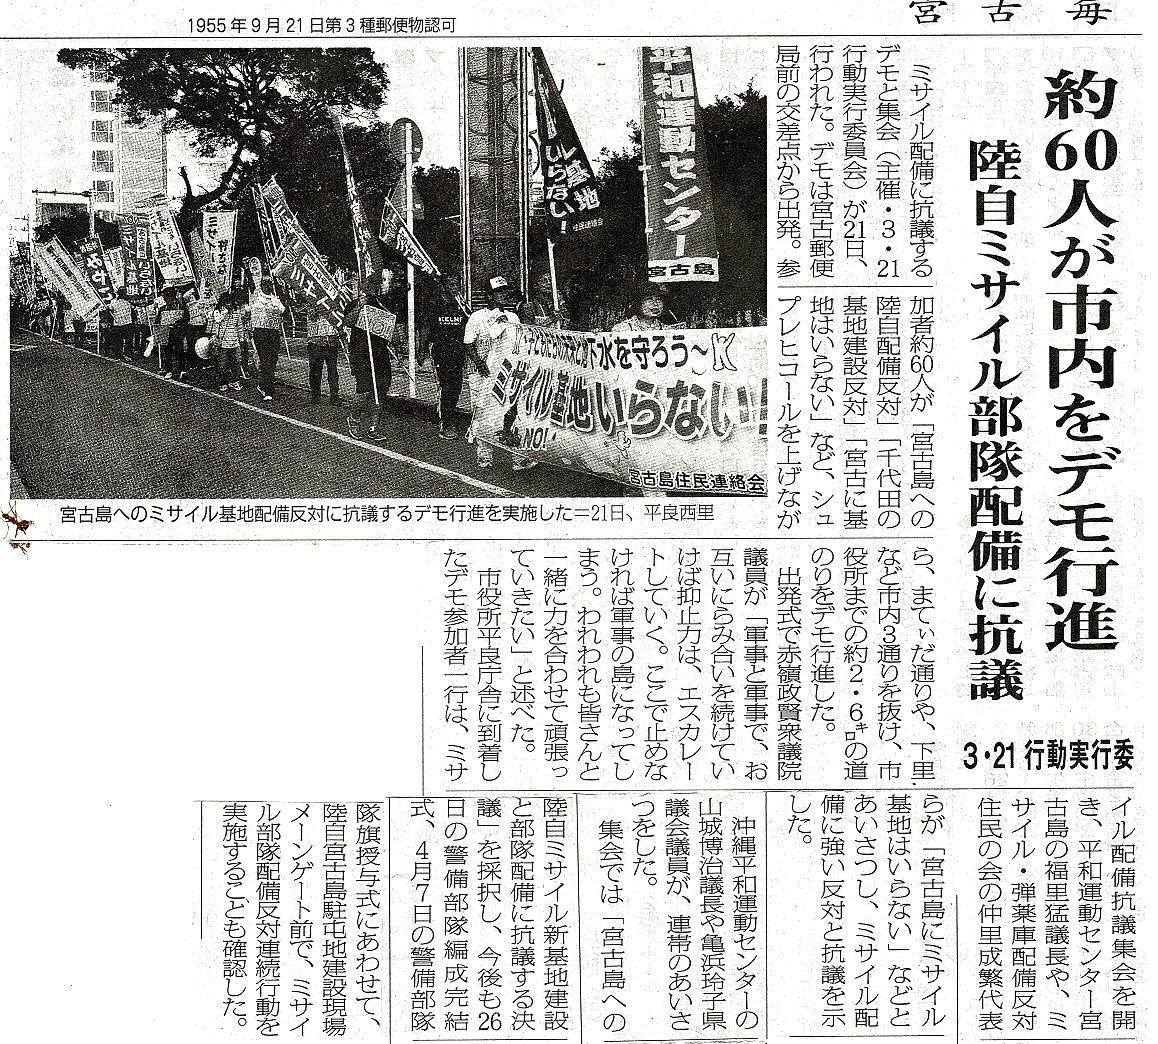 miyakomainichi2019 03221